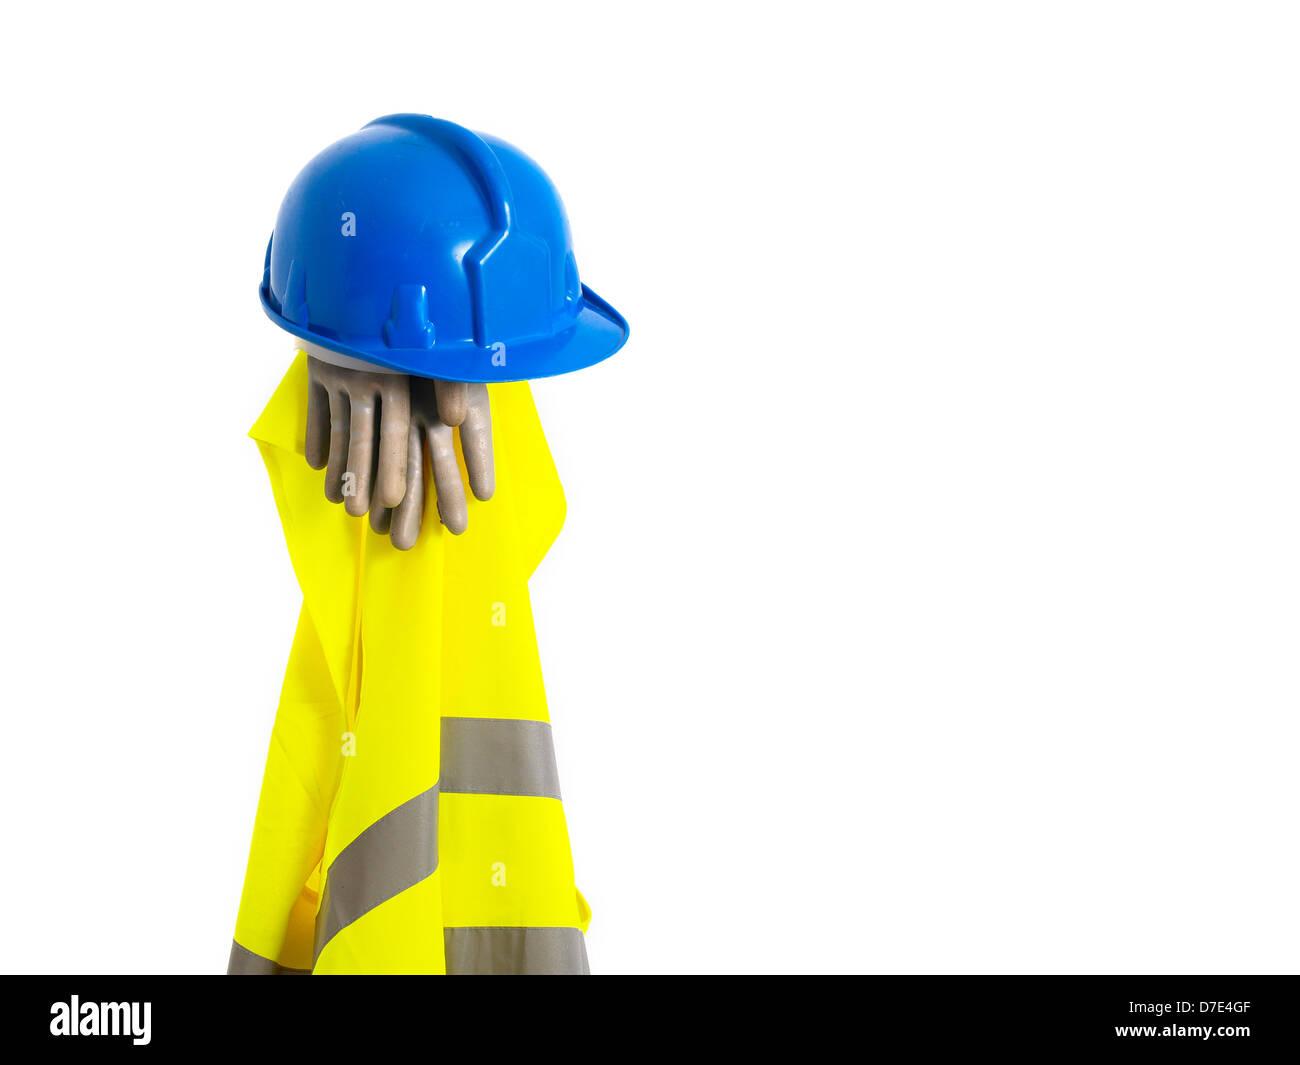 Chaleco reflectante, casco y guantes de seguridad aislado sobre fondo blanco. Un equipo de seguridad. Foto de stock